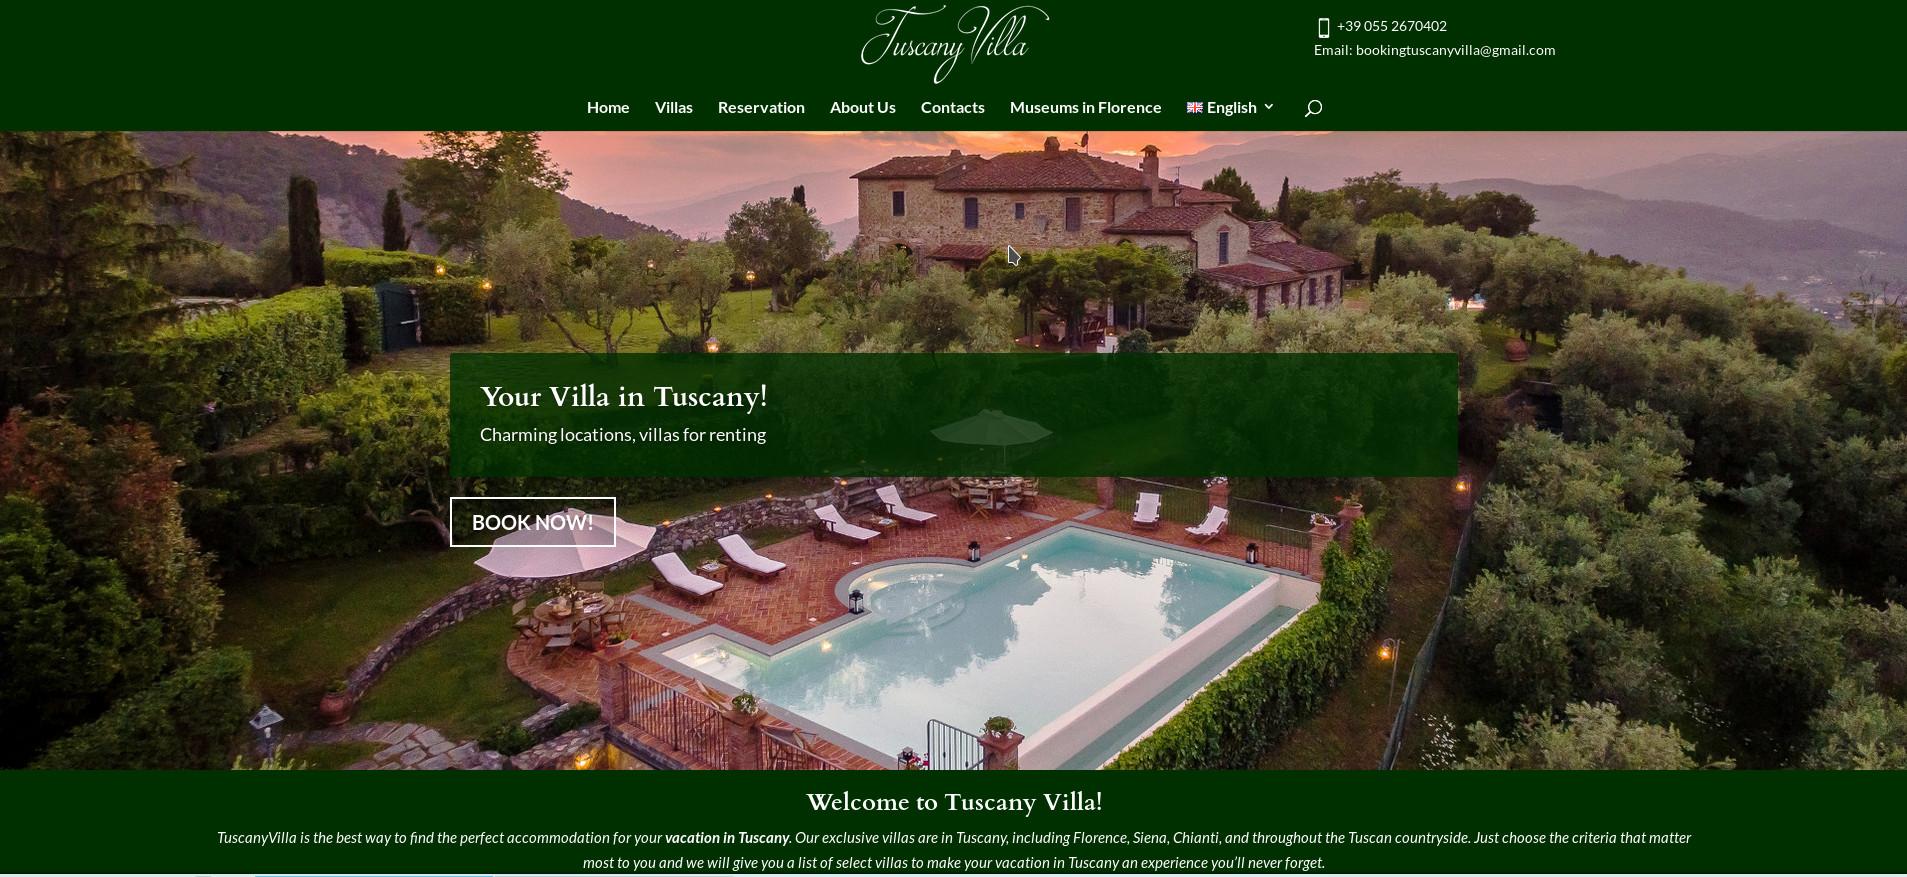 tuscanyvilla